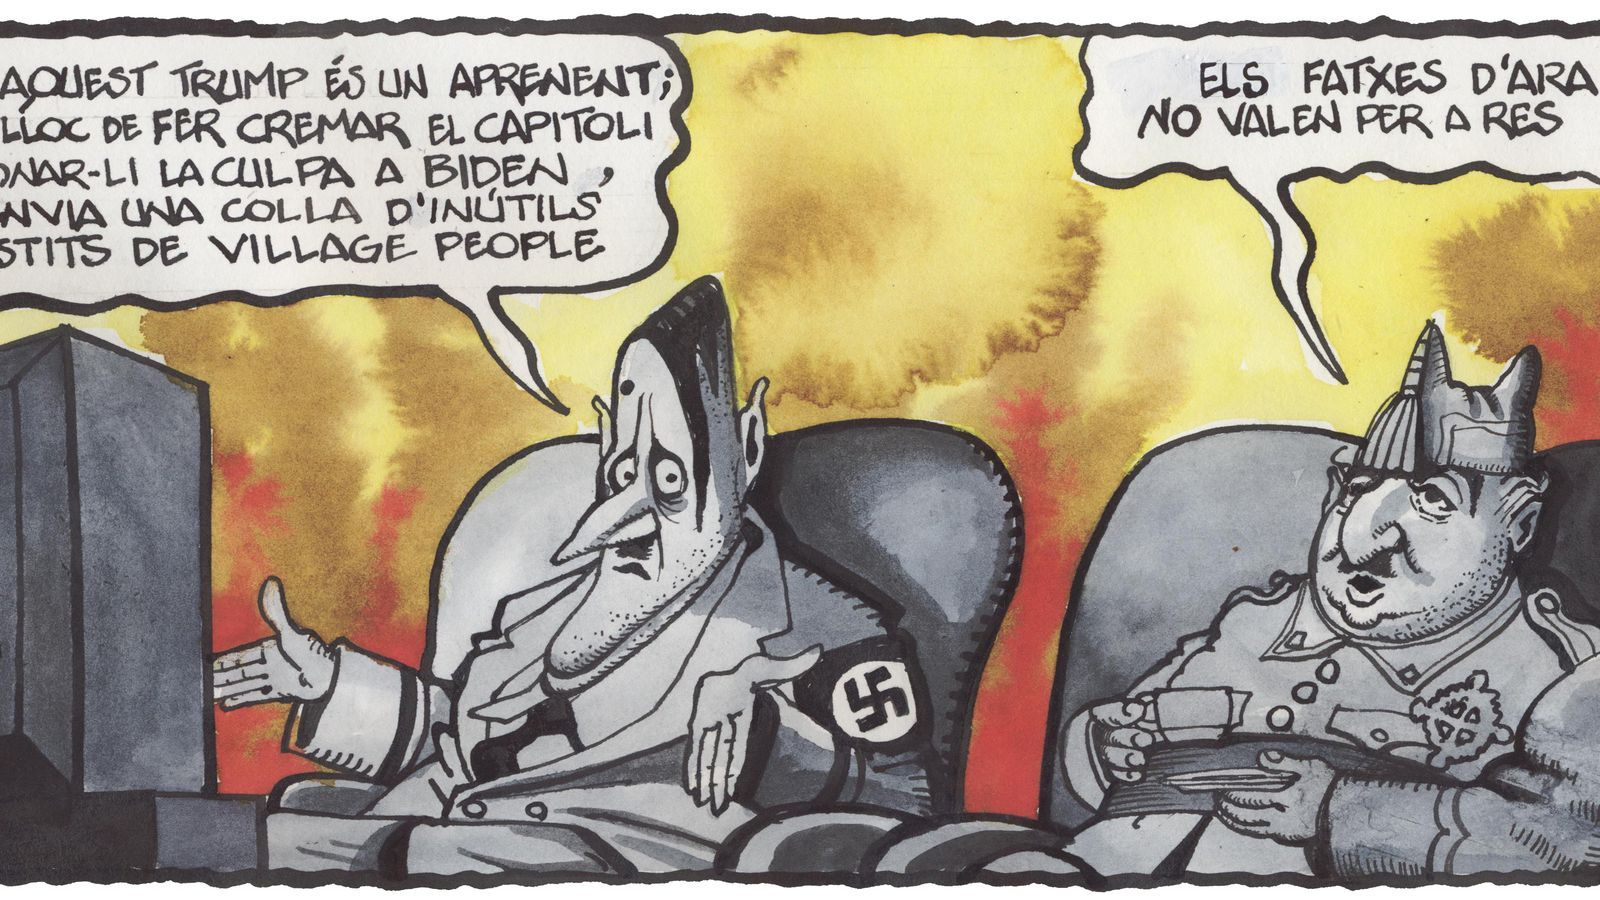 'A la contra', per Ferreres 12/01/2021